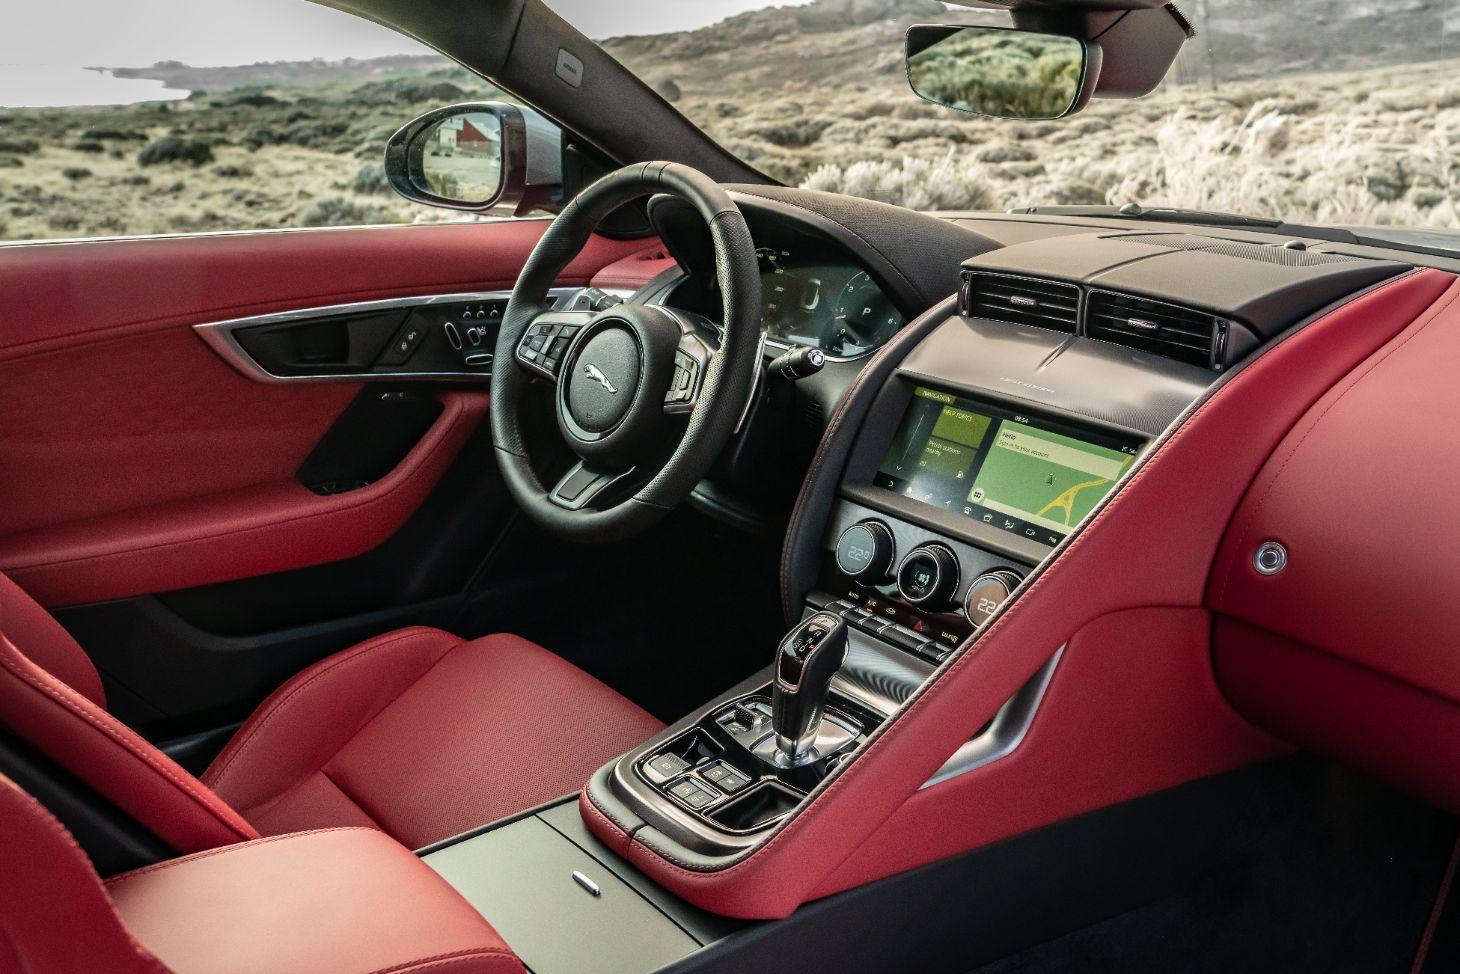 detalhes do interior do novo jaguar f type p300 coupe com bancos e acabamentos em couro mars red